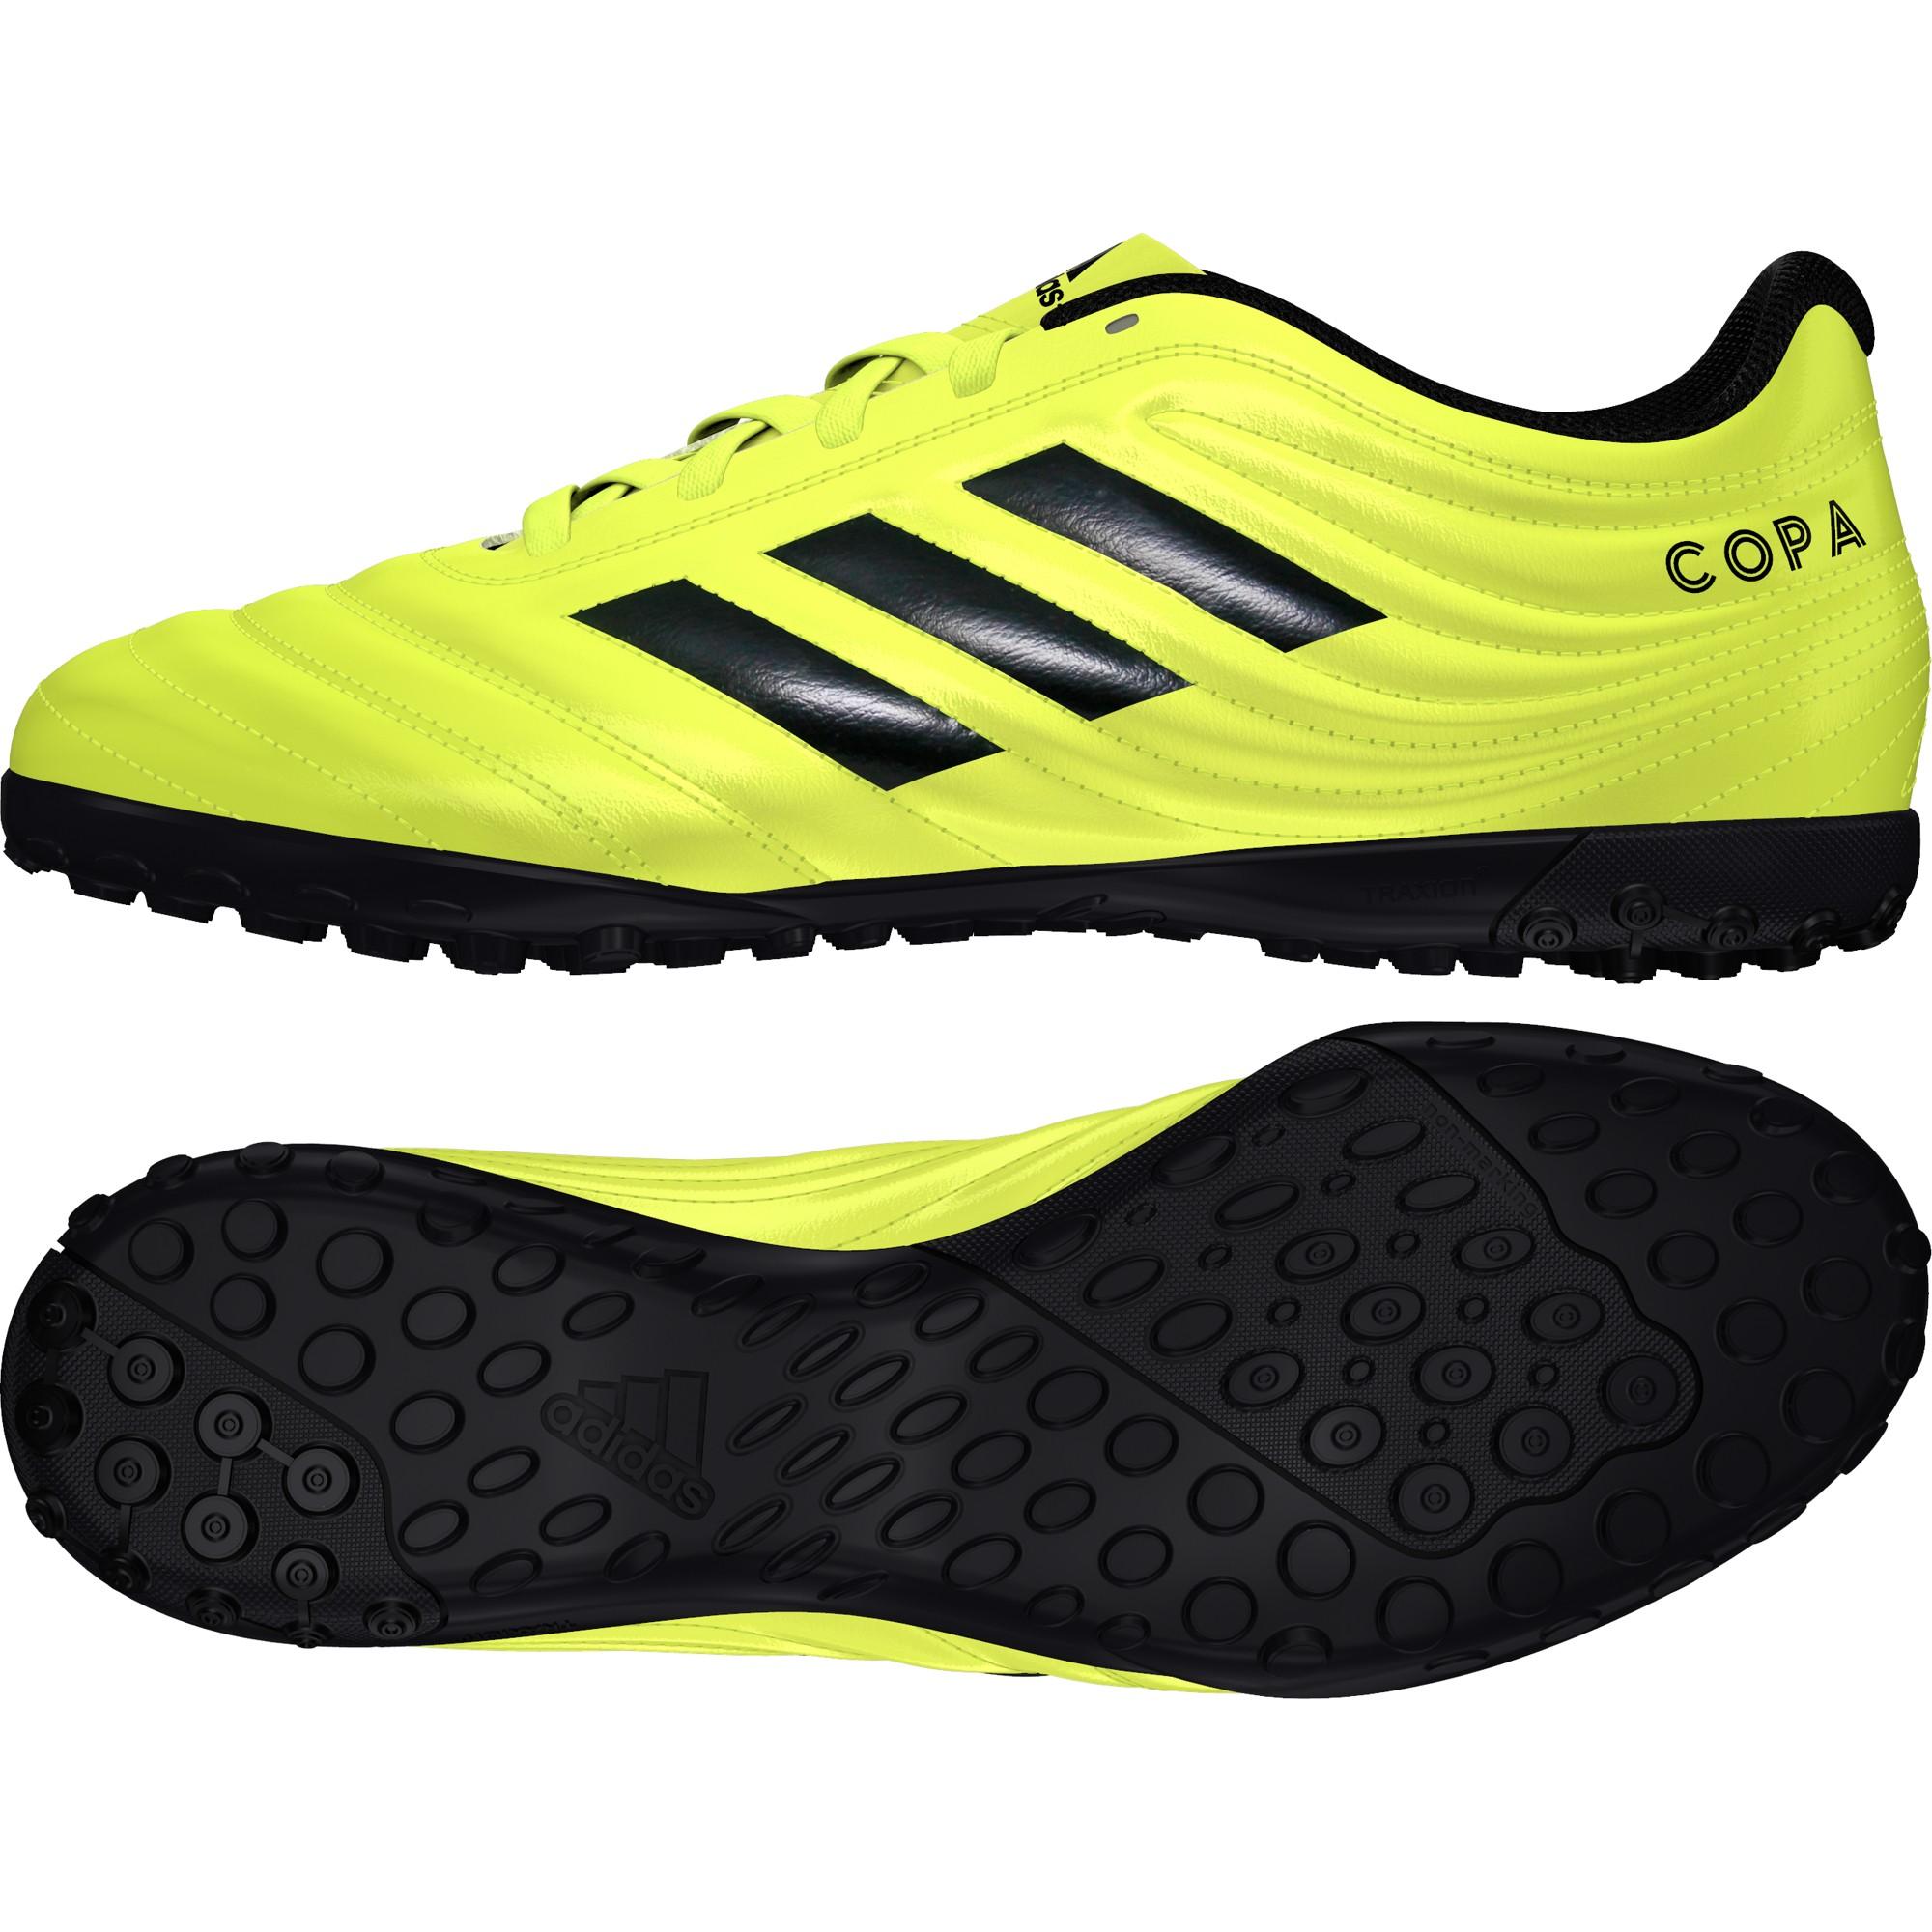 calcio ADIDAS scarpe da calcio copa 19.4 tf giallo nero uomo f35483